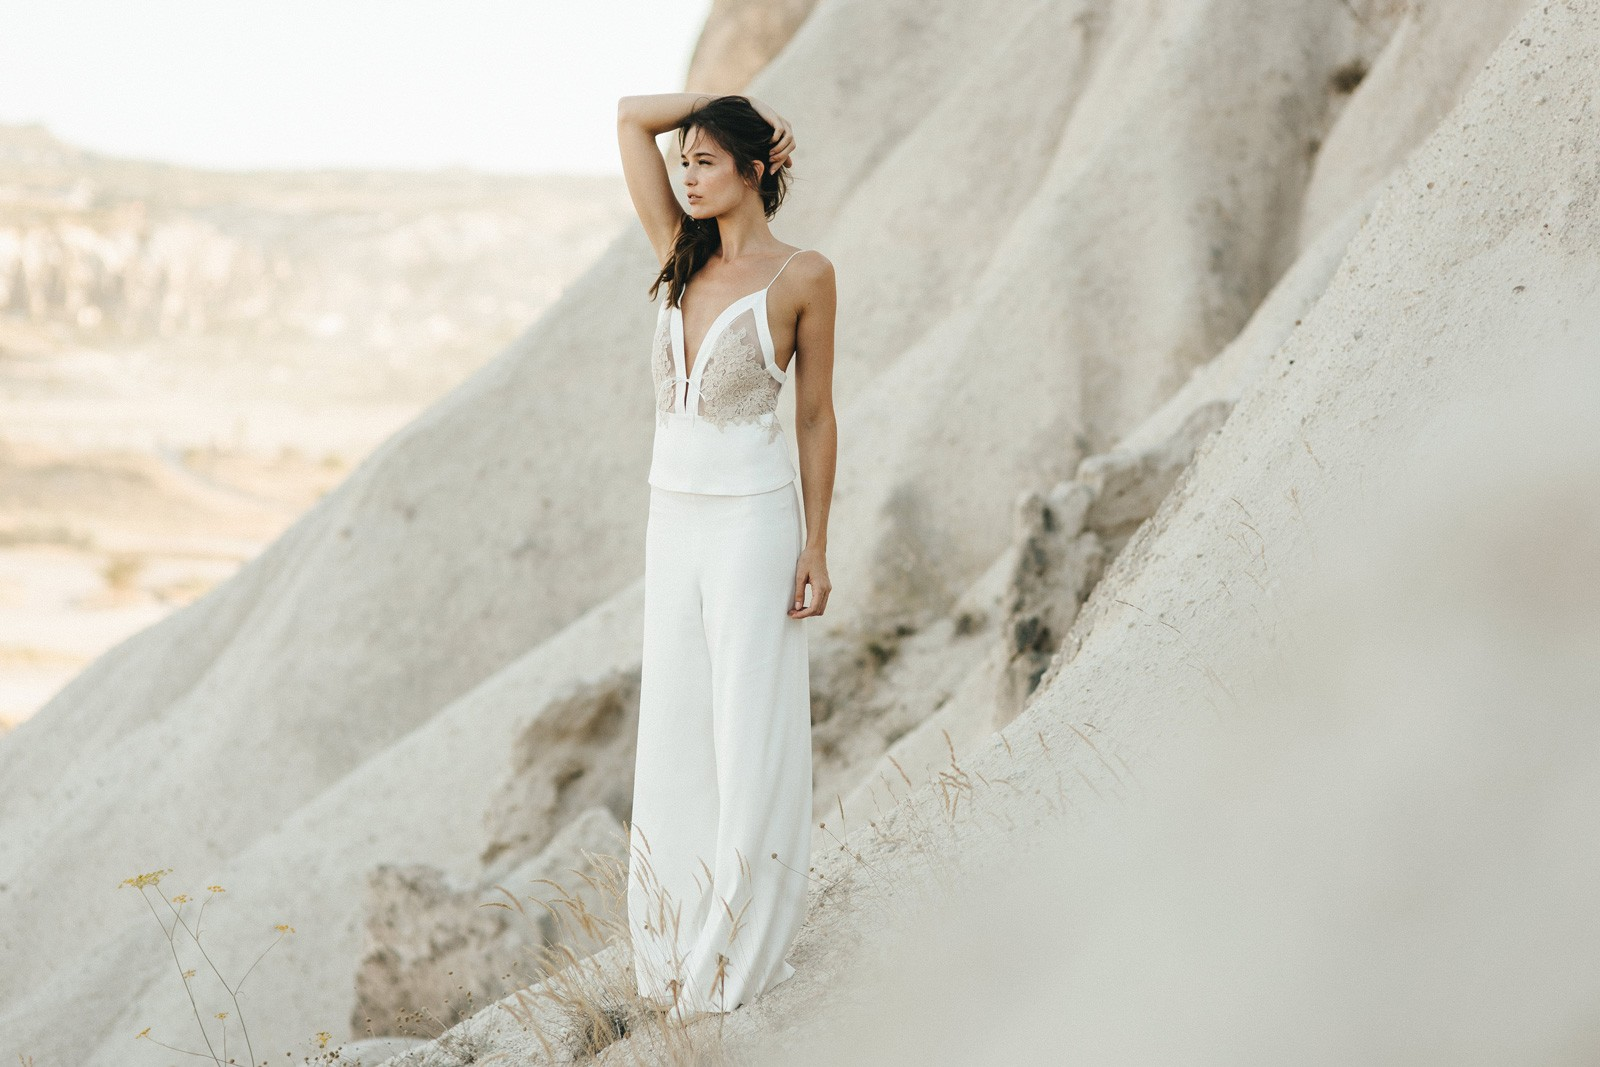 ELISA_NESS_Intemporels_2018_Sybil_02